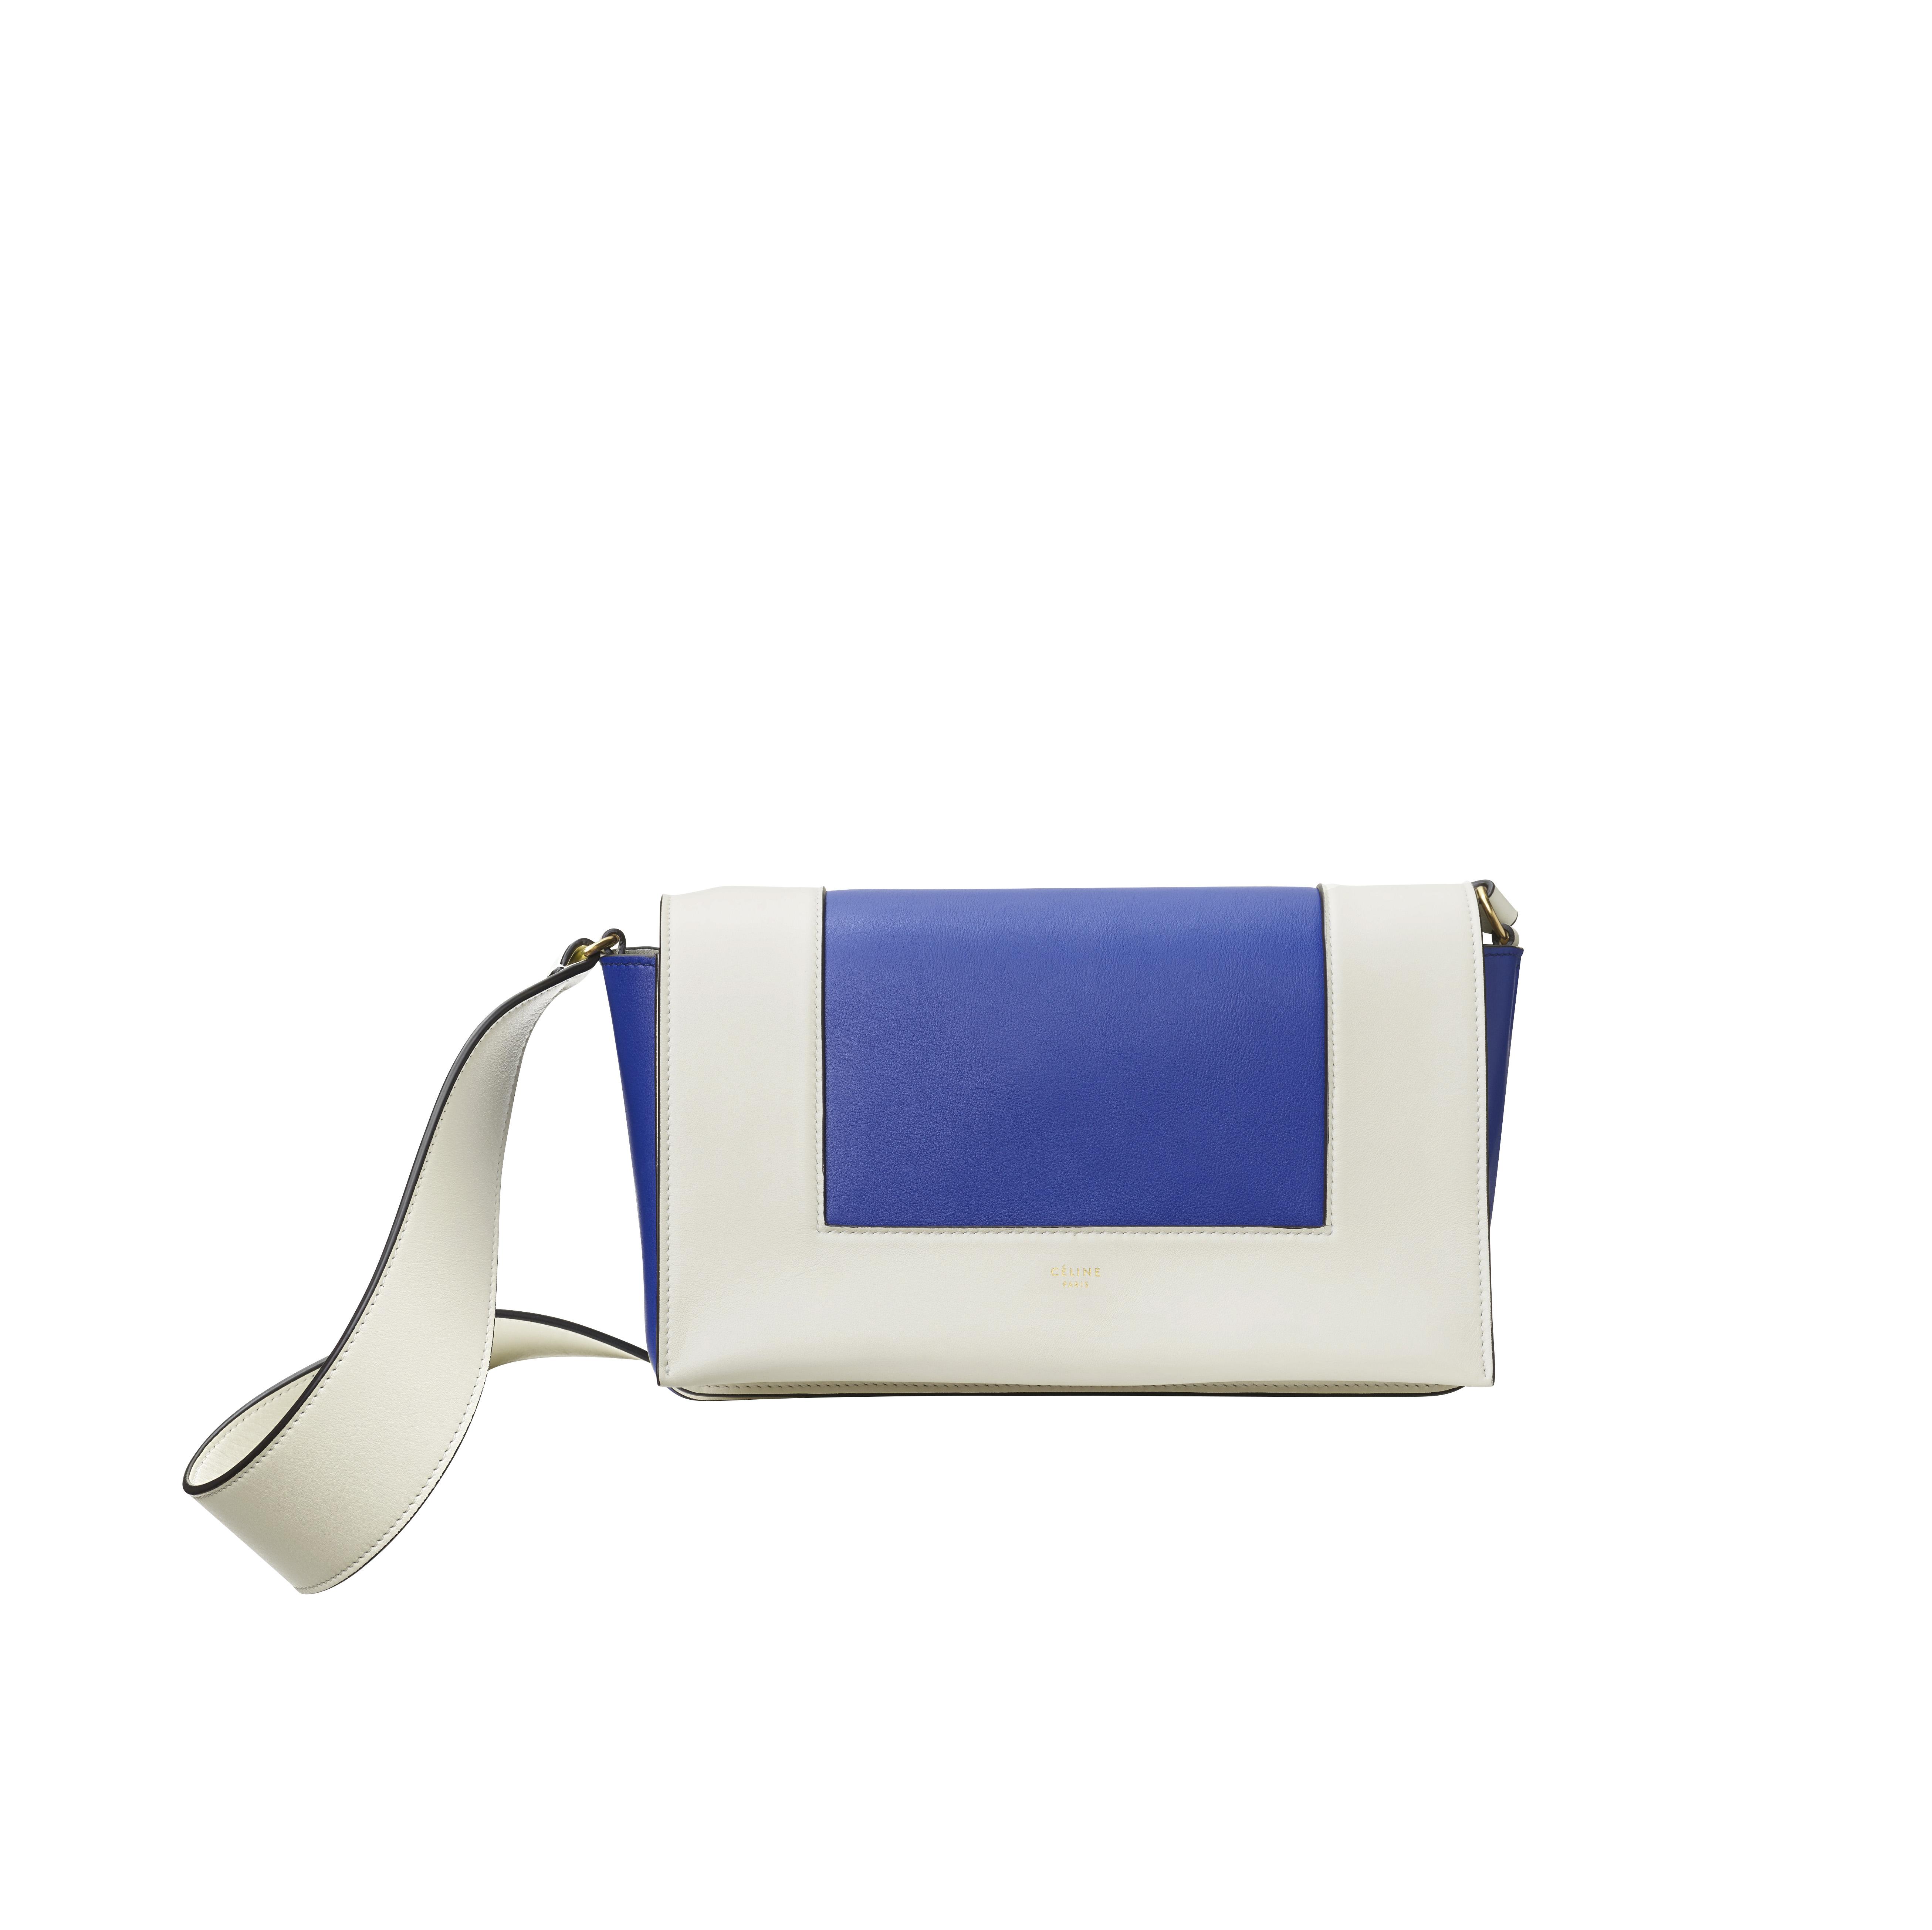 """Sac """"Frame"""" en cuir de veau brillant blanc et bleu, CÉLINE."""